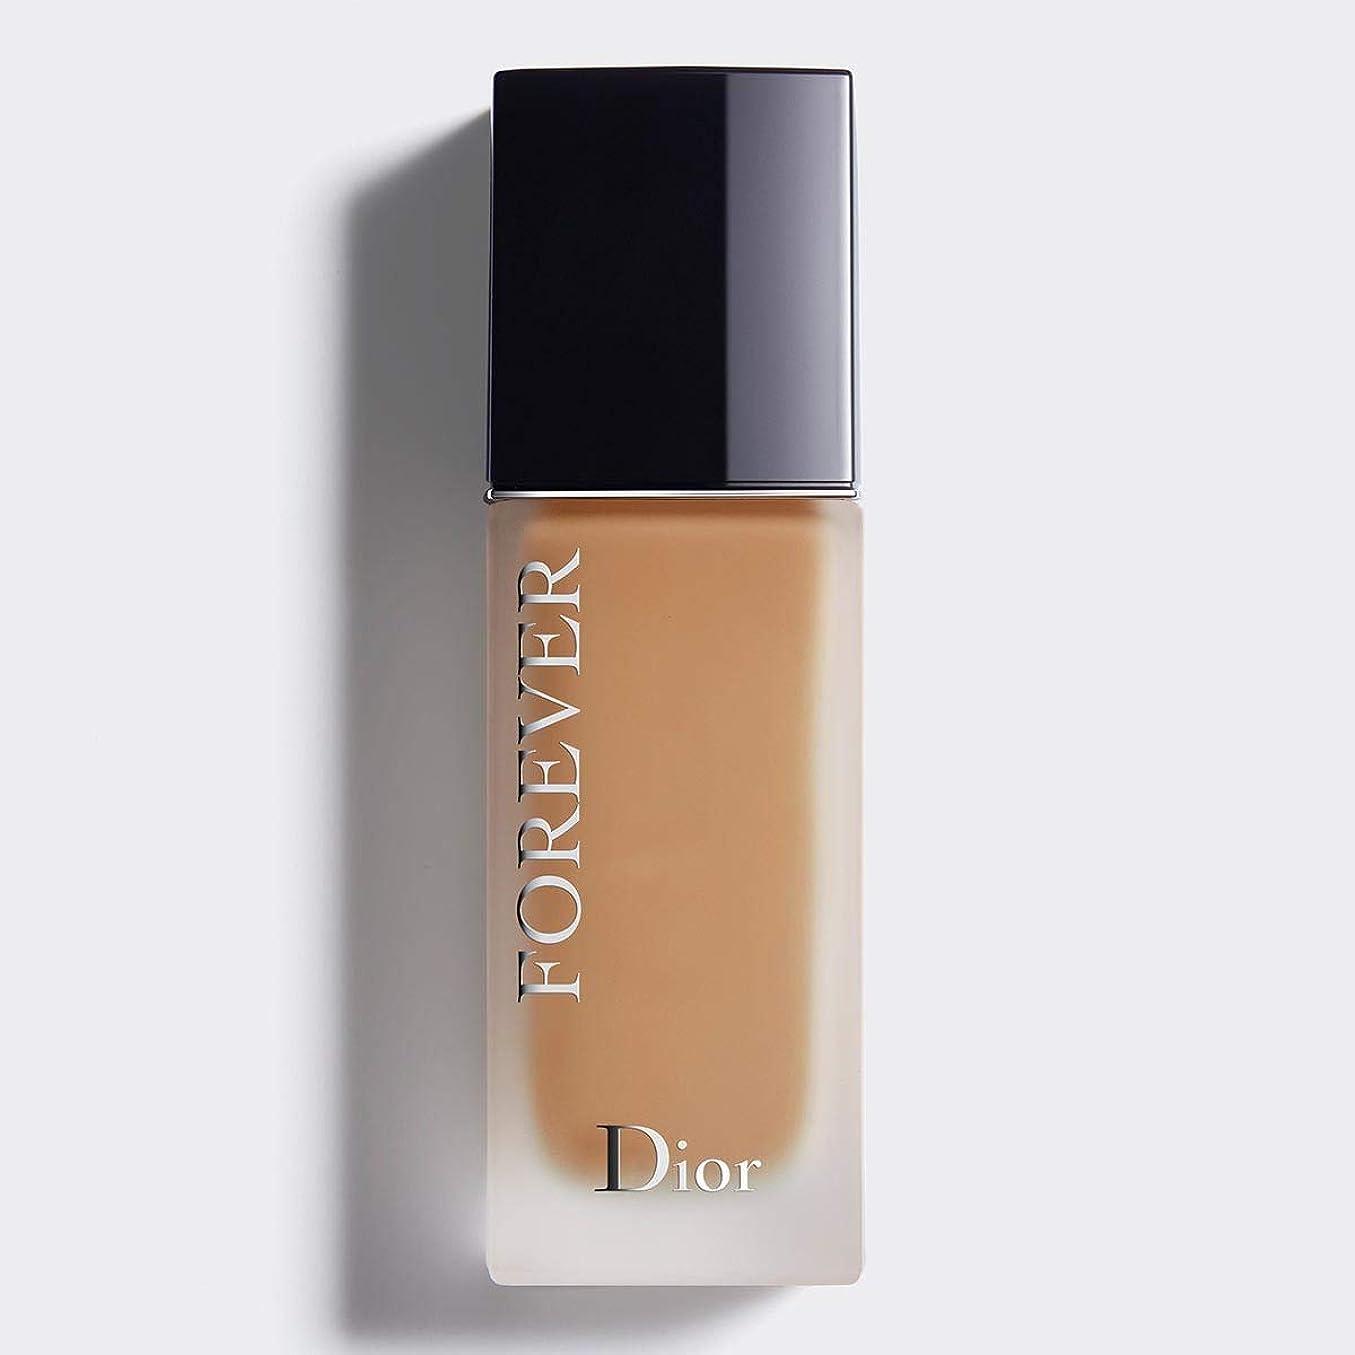 ロマンチックプレート同種のクリスチャンディオール Dior Forever 24H Wear High Perfection Foundation SPF 35 - # 4W (Warm) 30ml/1oz並行輸入品